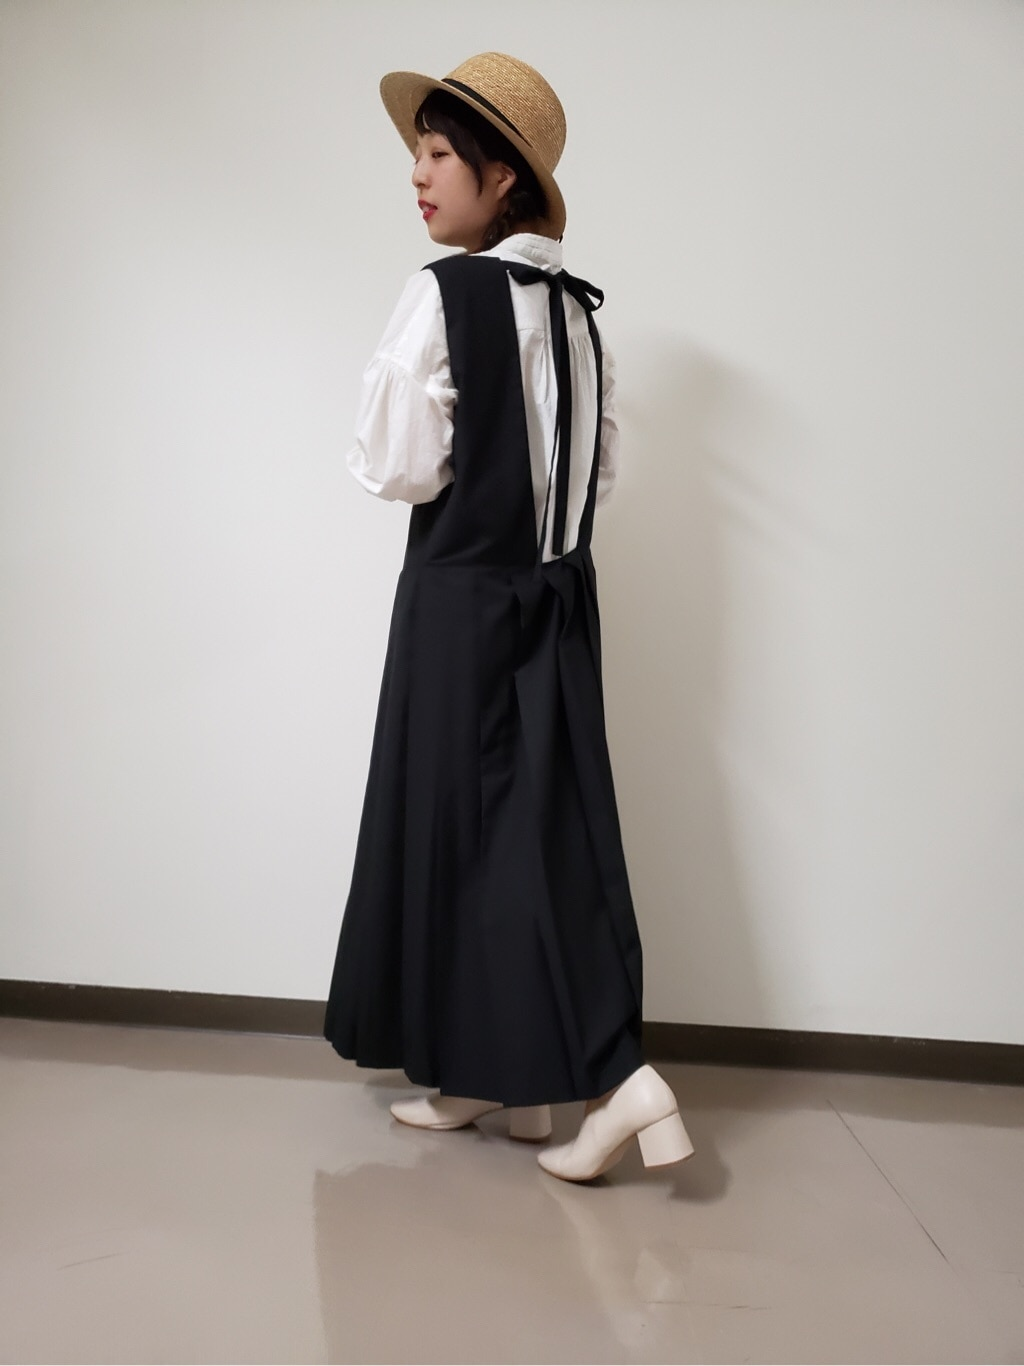 bulle de savon アトレ川崎 身長:153cm 2019.07.16